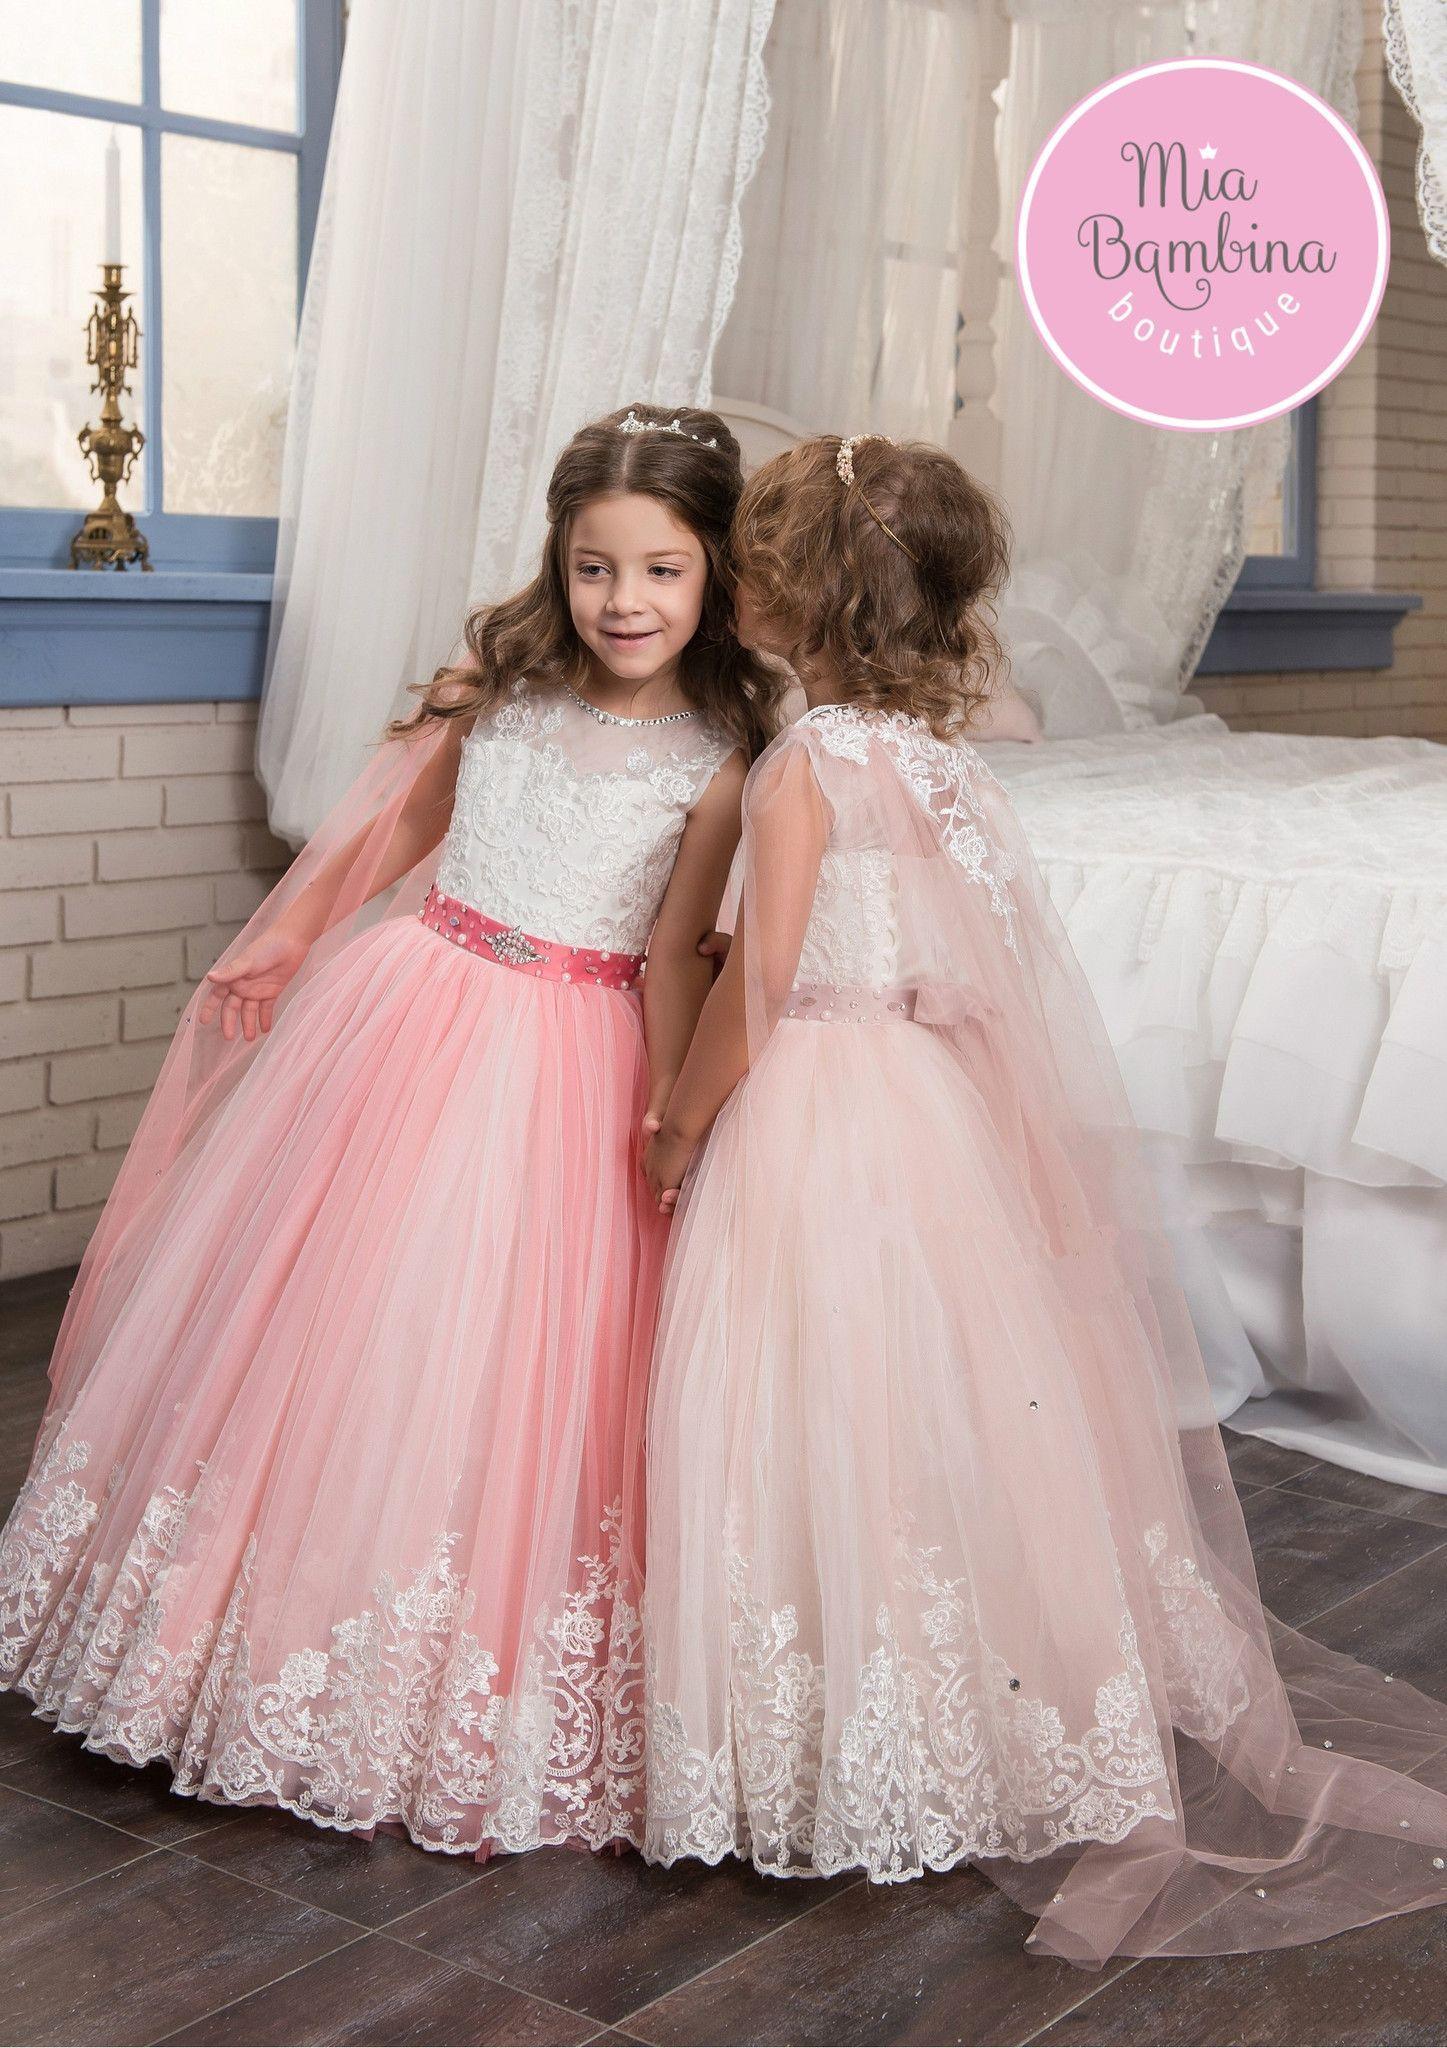 Dorable Vestidos De Novia De Pensacola Fl Friso - Colección de ...